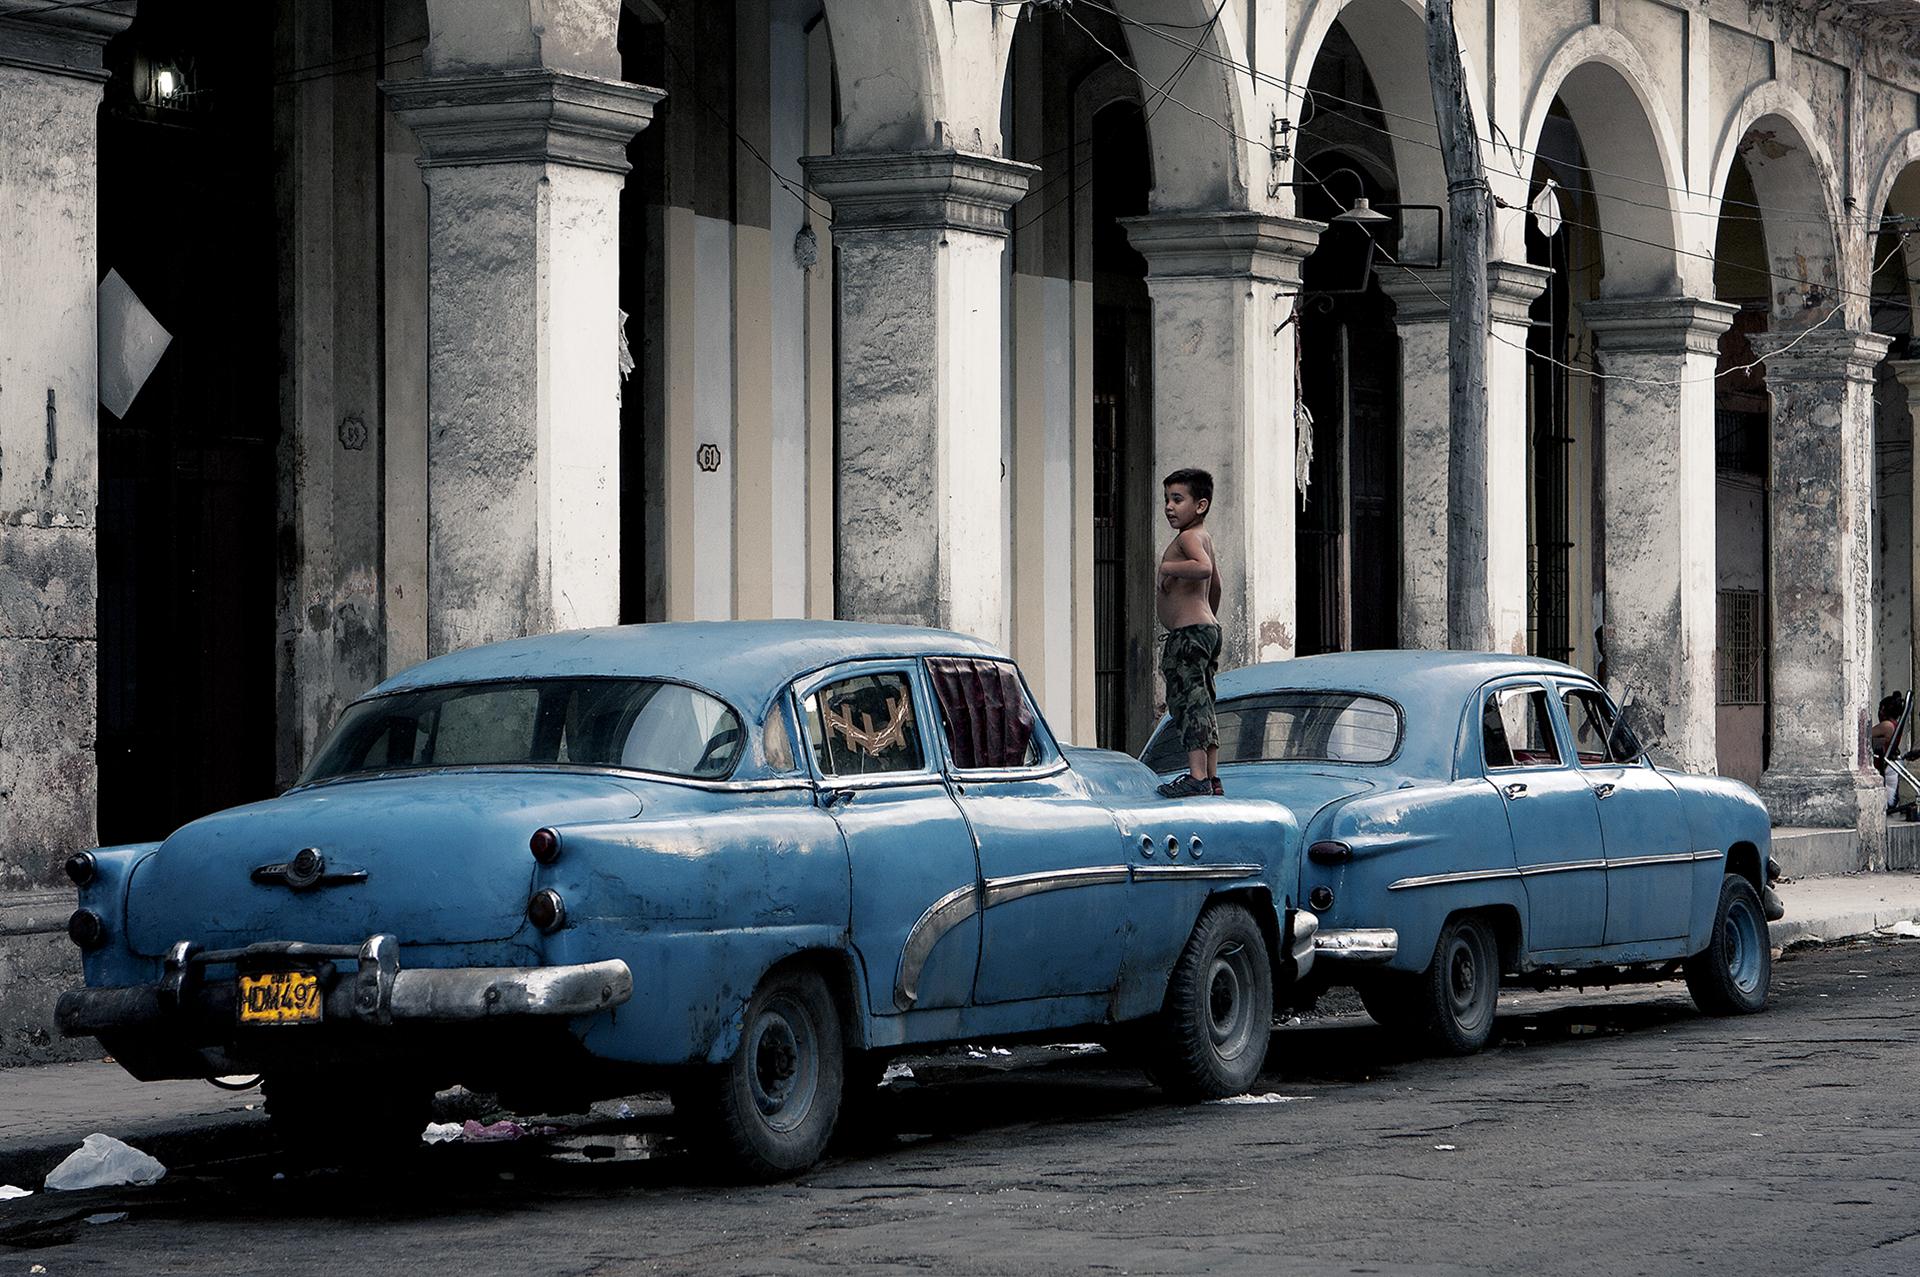 3-boy on the car.jpg